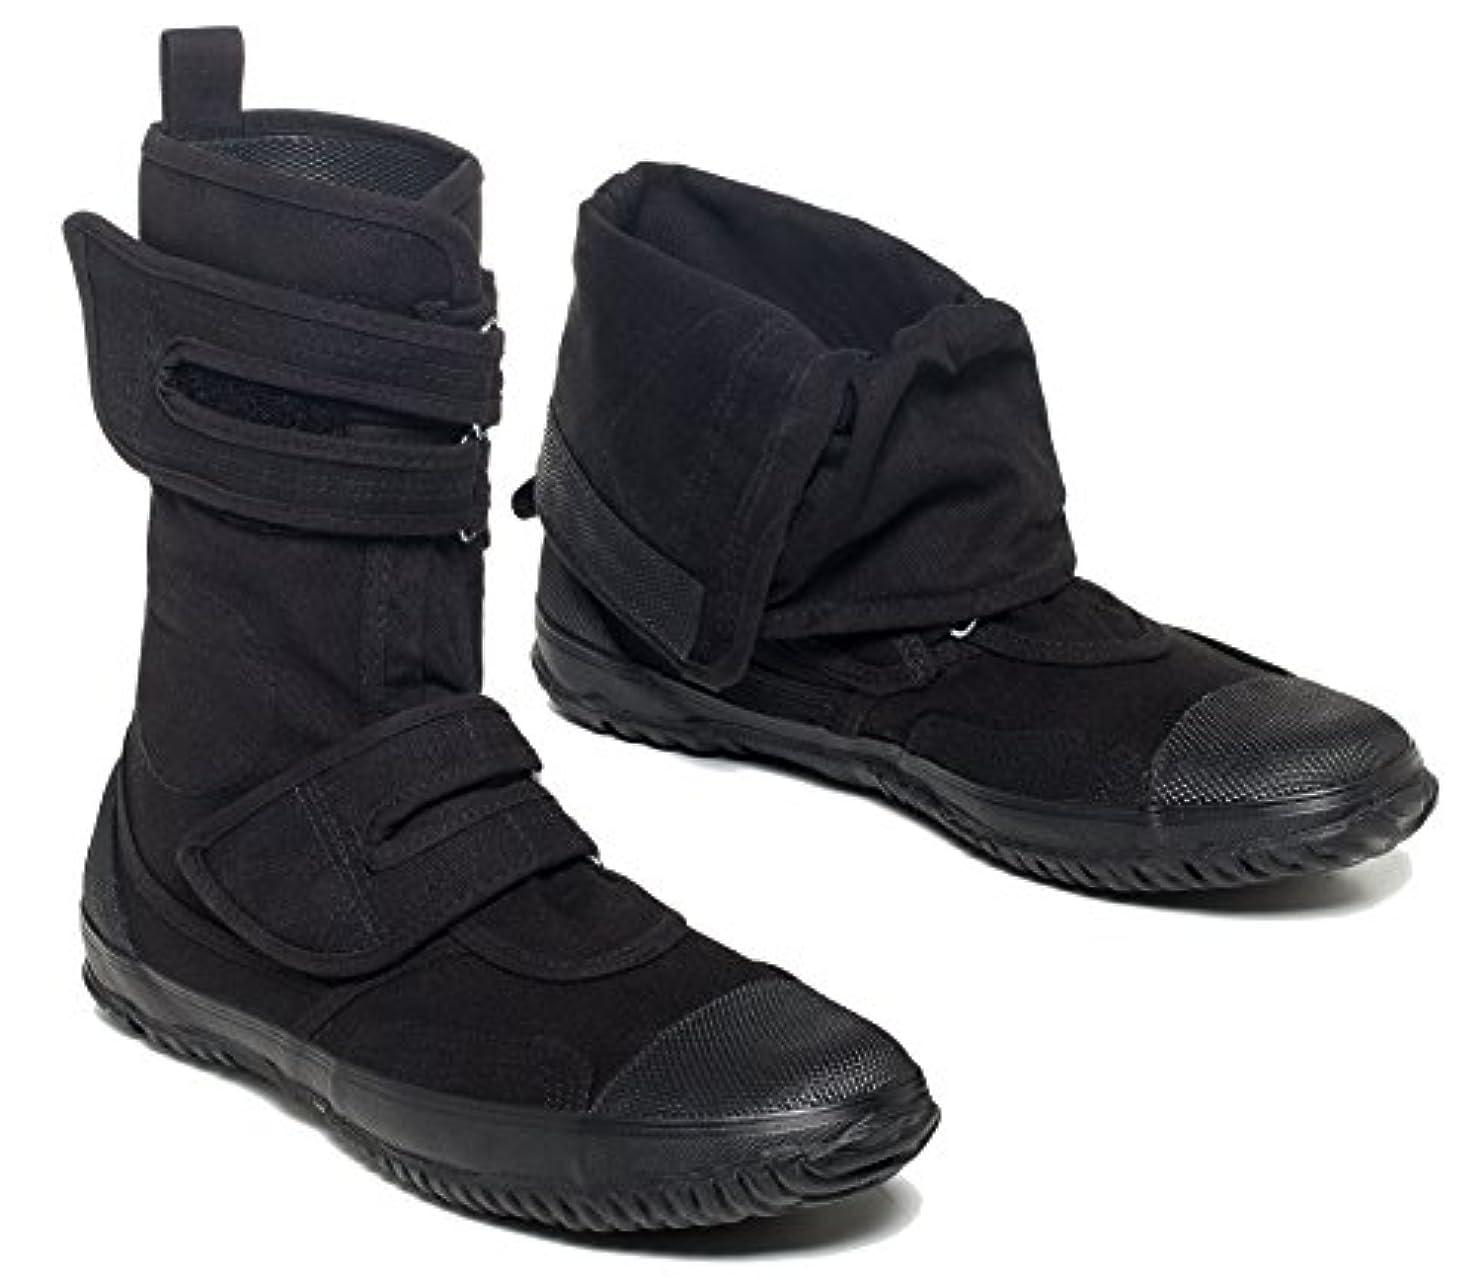 セマフォごちそうラビリンス[fugu] 日本工業安全boots-環境に優しいVegan shoes-キャンバス&ゴムConstruction Vegetarian Shoe – Made with Natural products-ファッショナブル&軽量